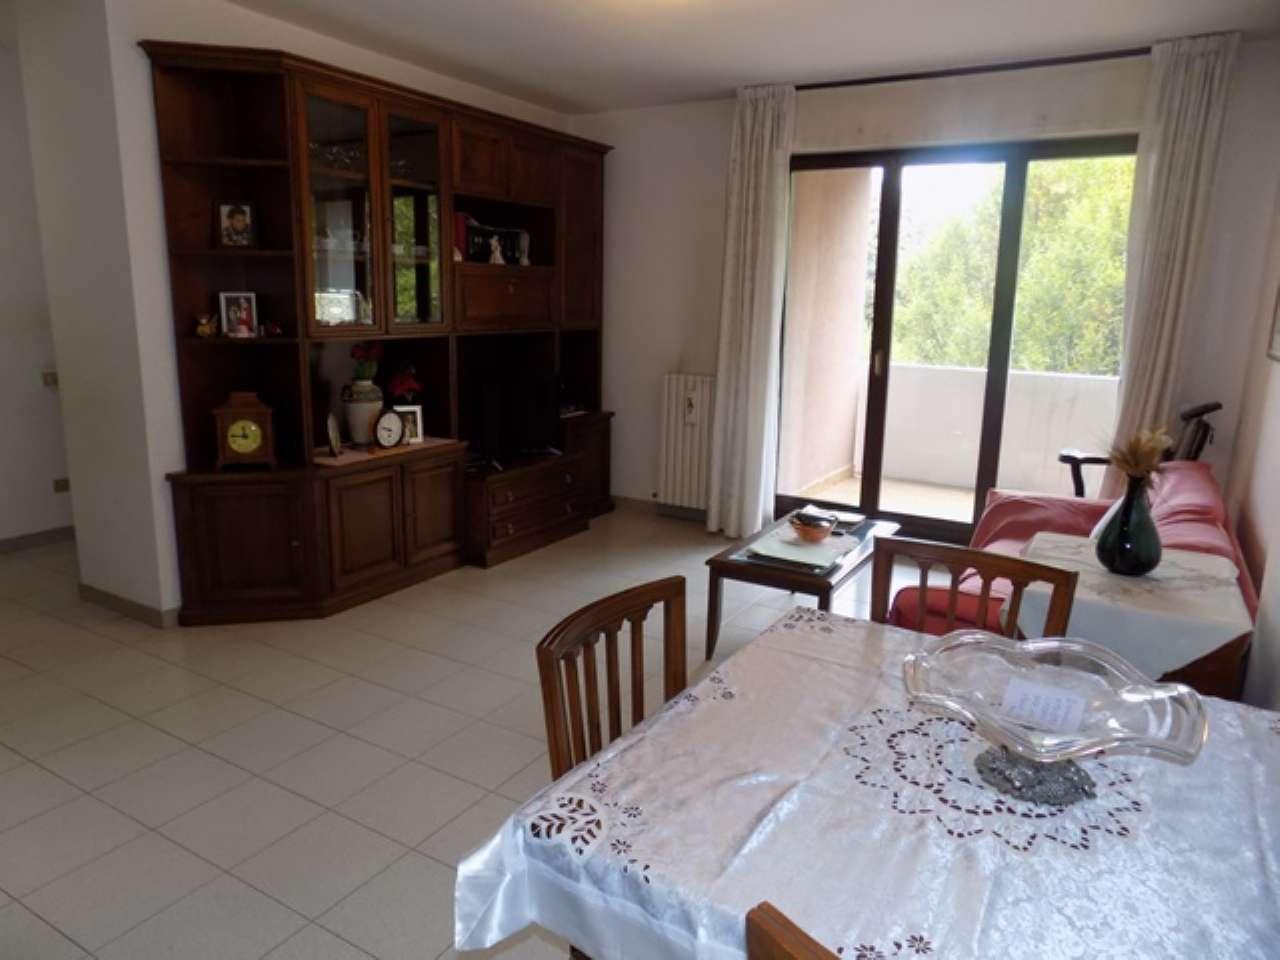 Appartamento in vendita a Senago, 3 locali, prezzo € 186.000 | CambioCasa.it